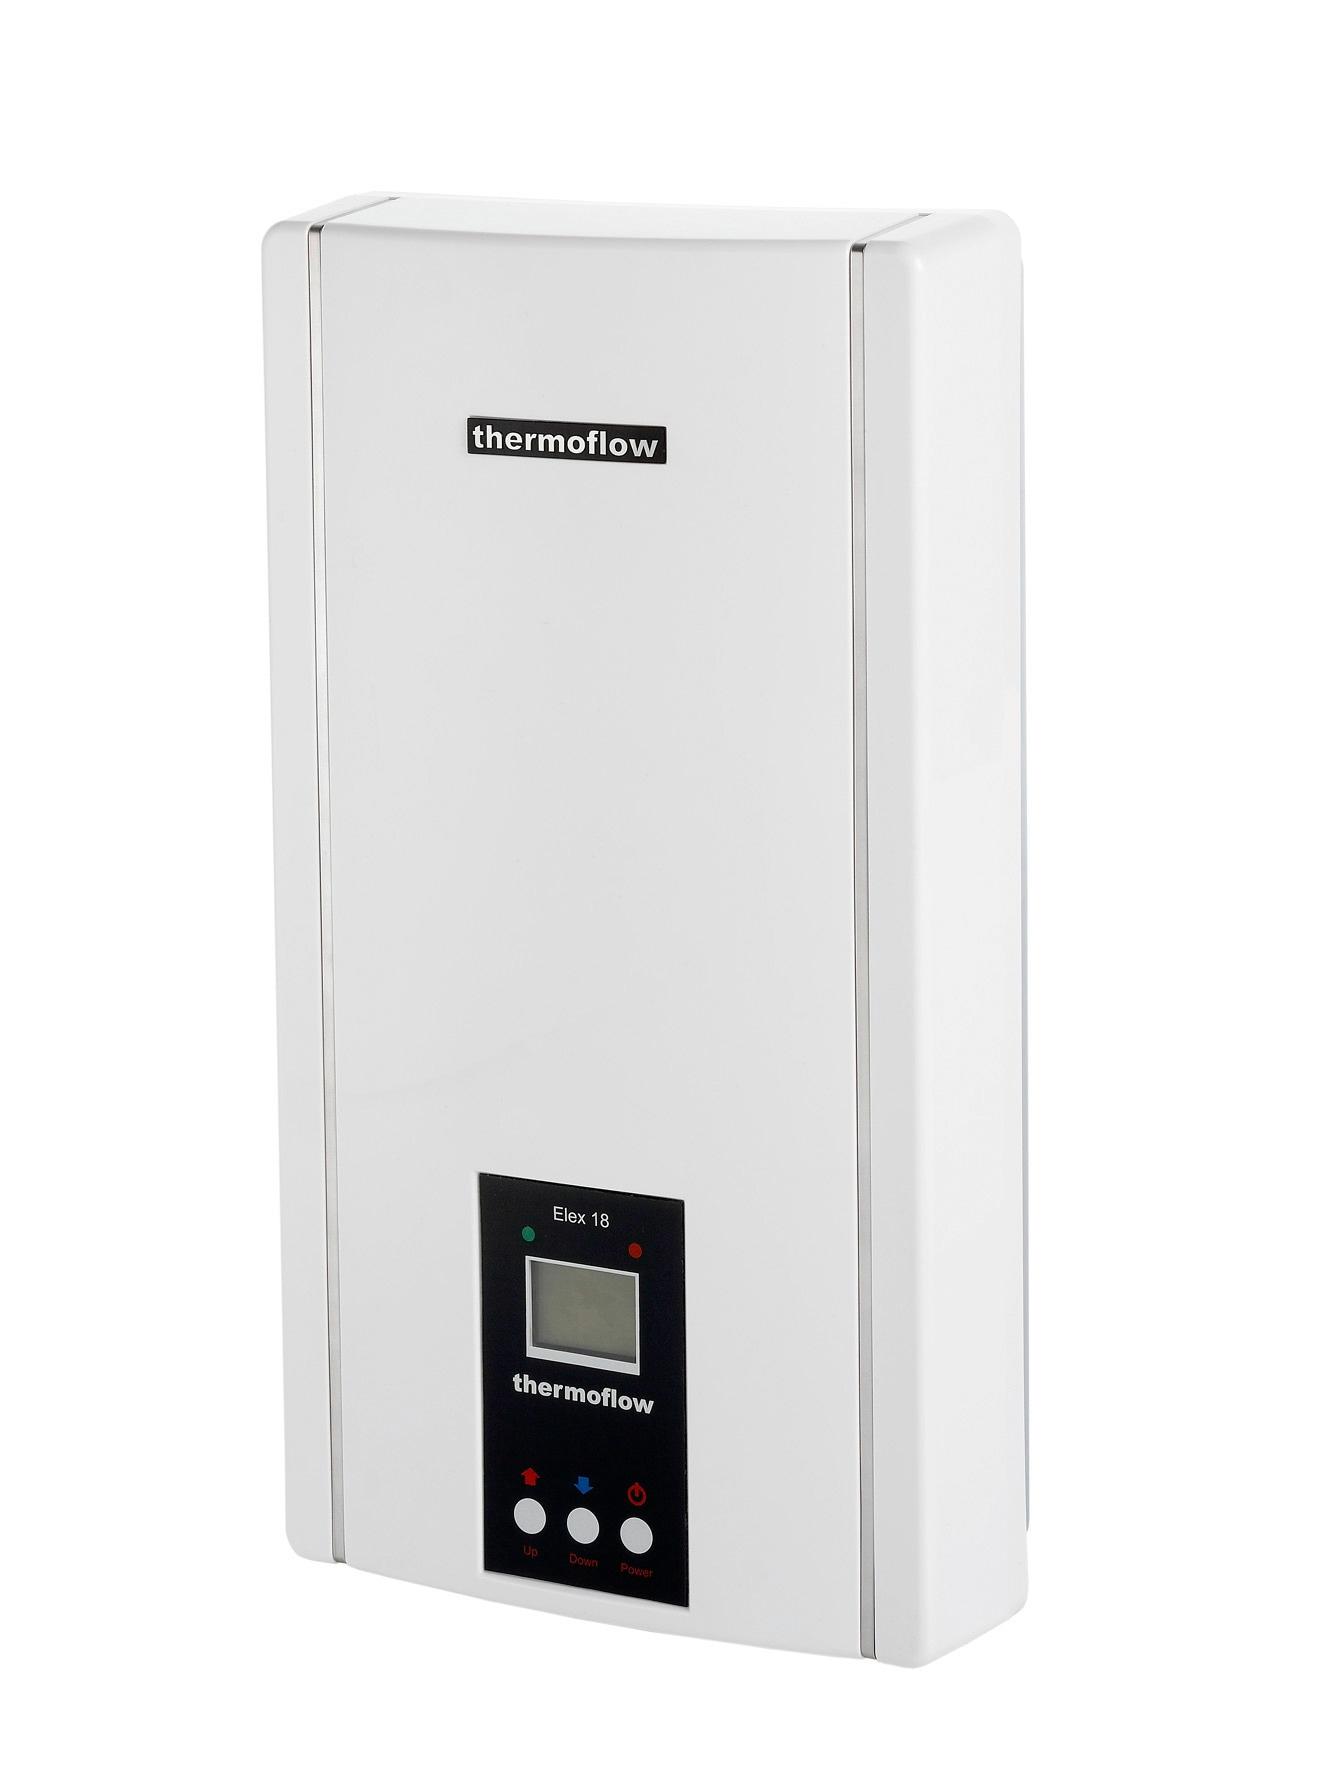 THERMOFLOW Durchlauferhitzer »Thermoflow Elex 18/21/24« | Baumarkt > Heizung und Klima > Durchlauferhitzer | THERMOFLOW